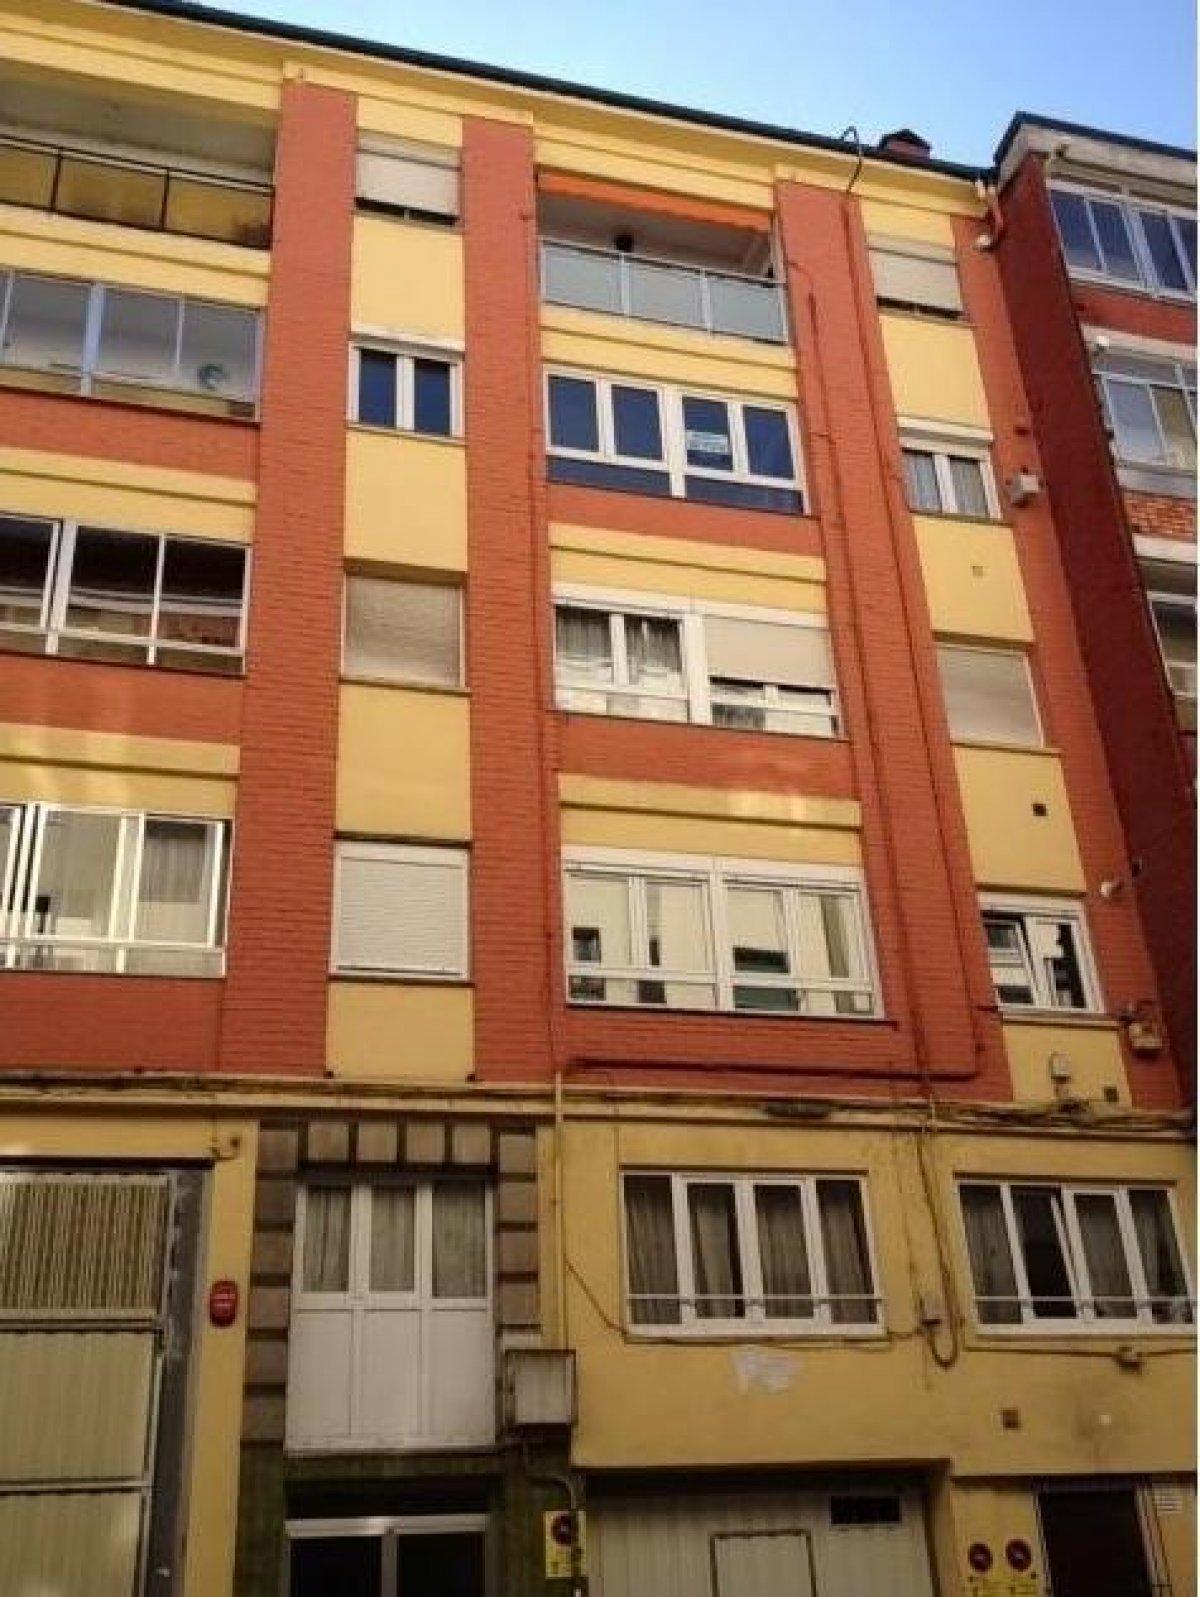 Piso en venta en Torrelavega  de 3 Habitaciones, 1 Baño y 114 m2 por 60.500 €.